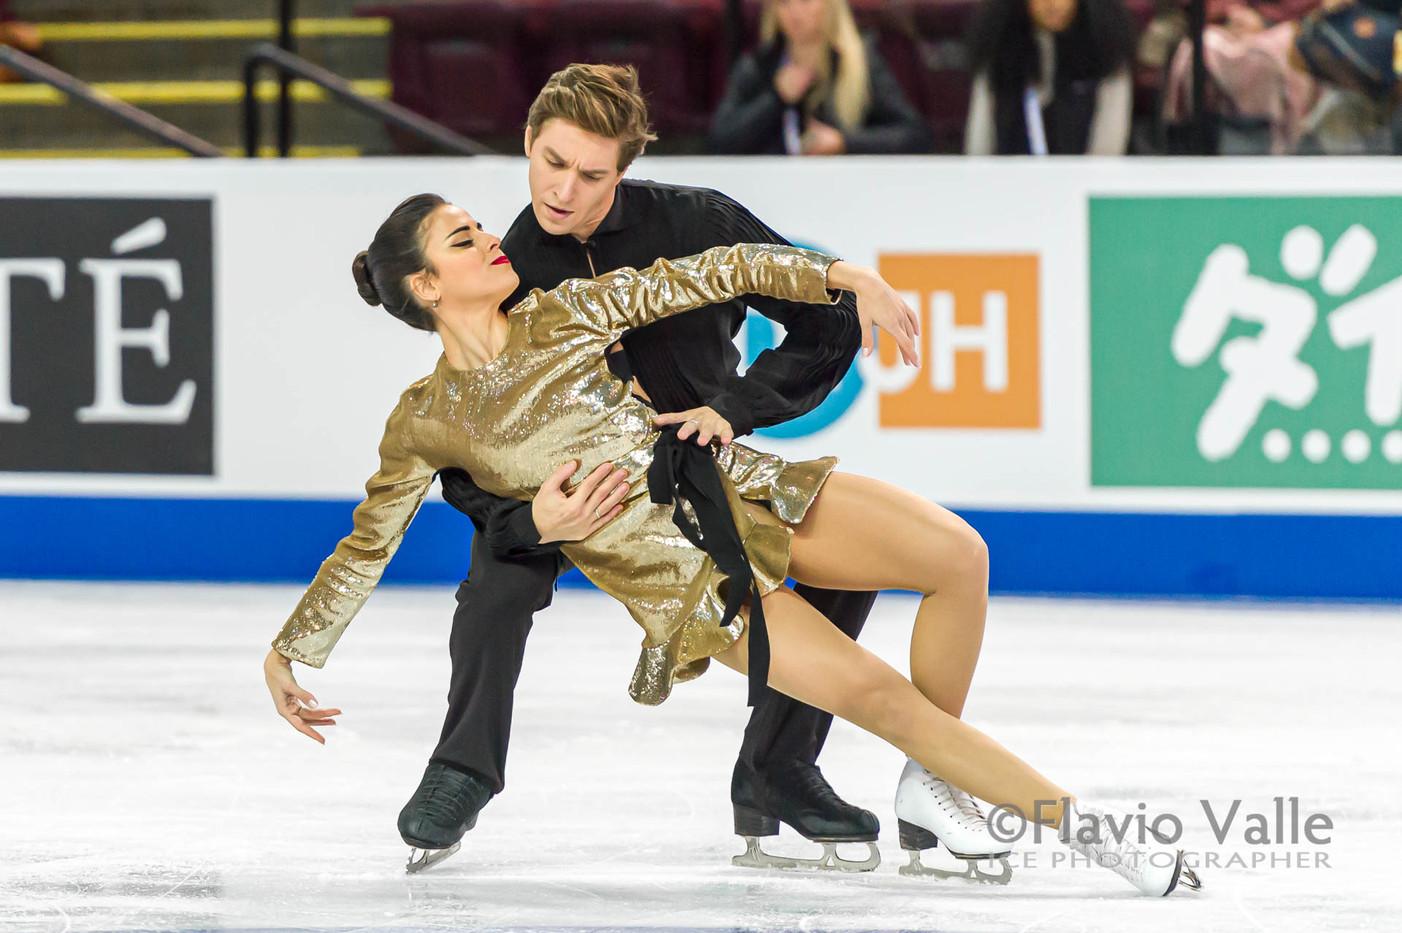 5th Sara HURTADO : Kirill KHALIAVIN4.jpg